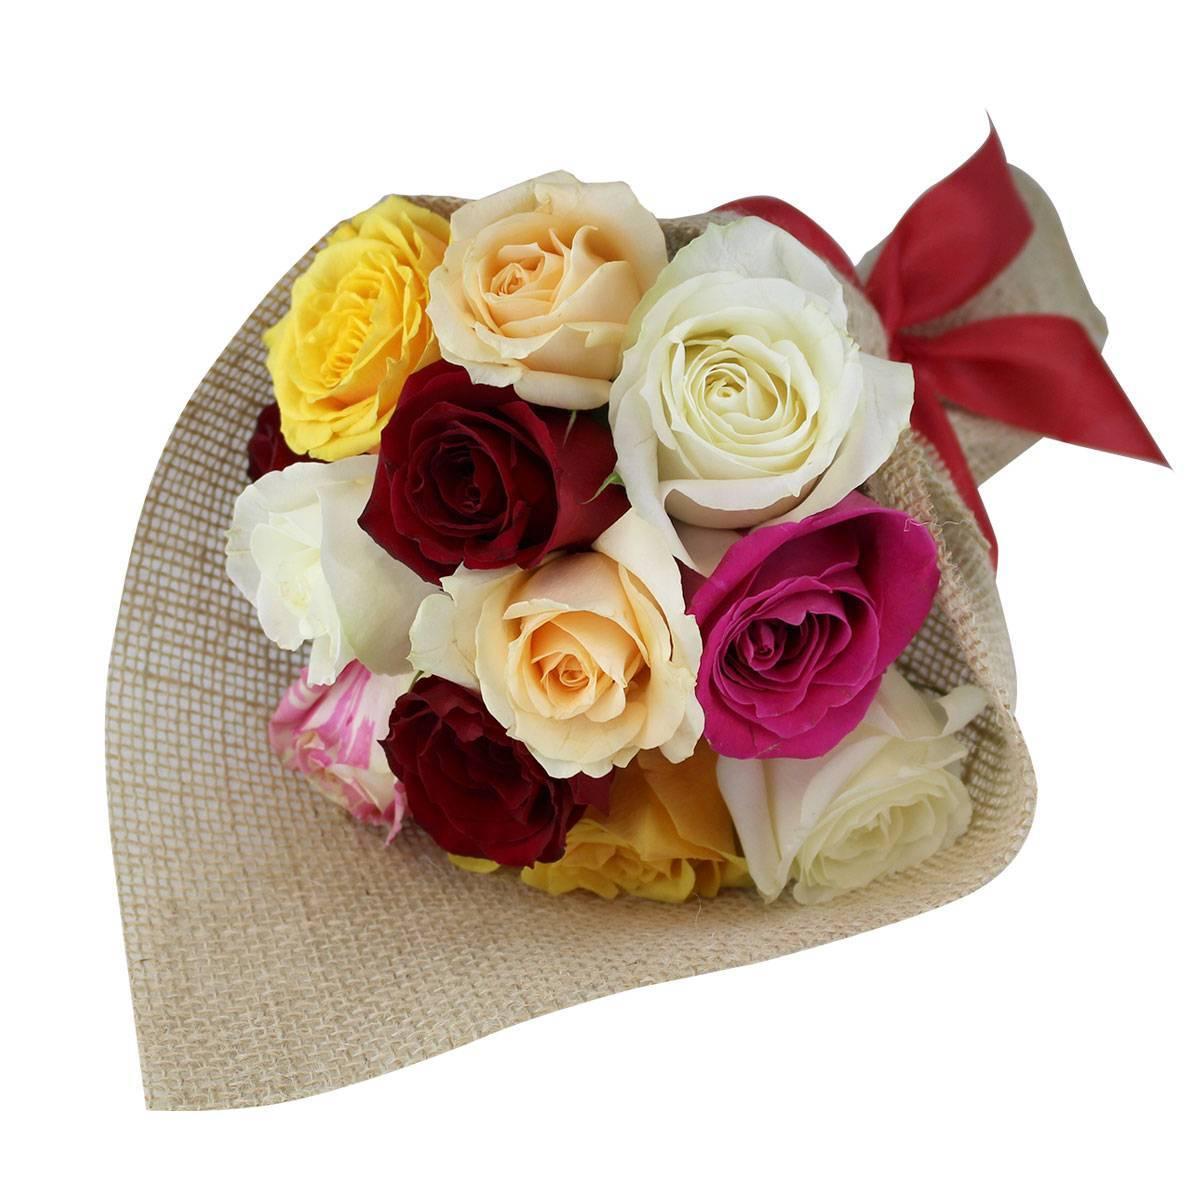 Buquê de Rosas Coloridas - Florisbella - Matriz Campinas